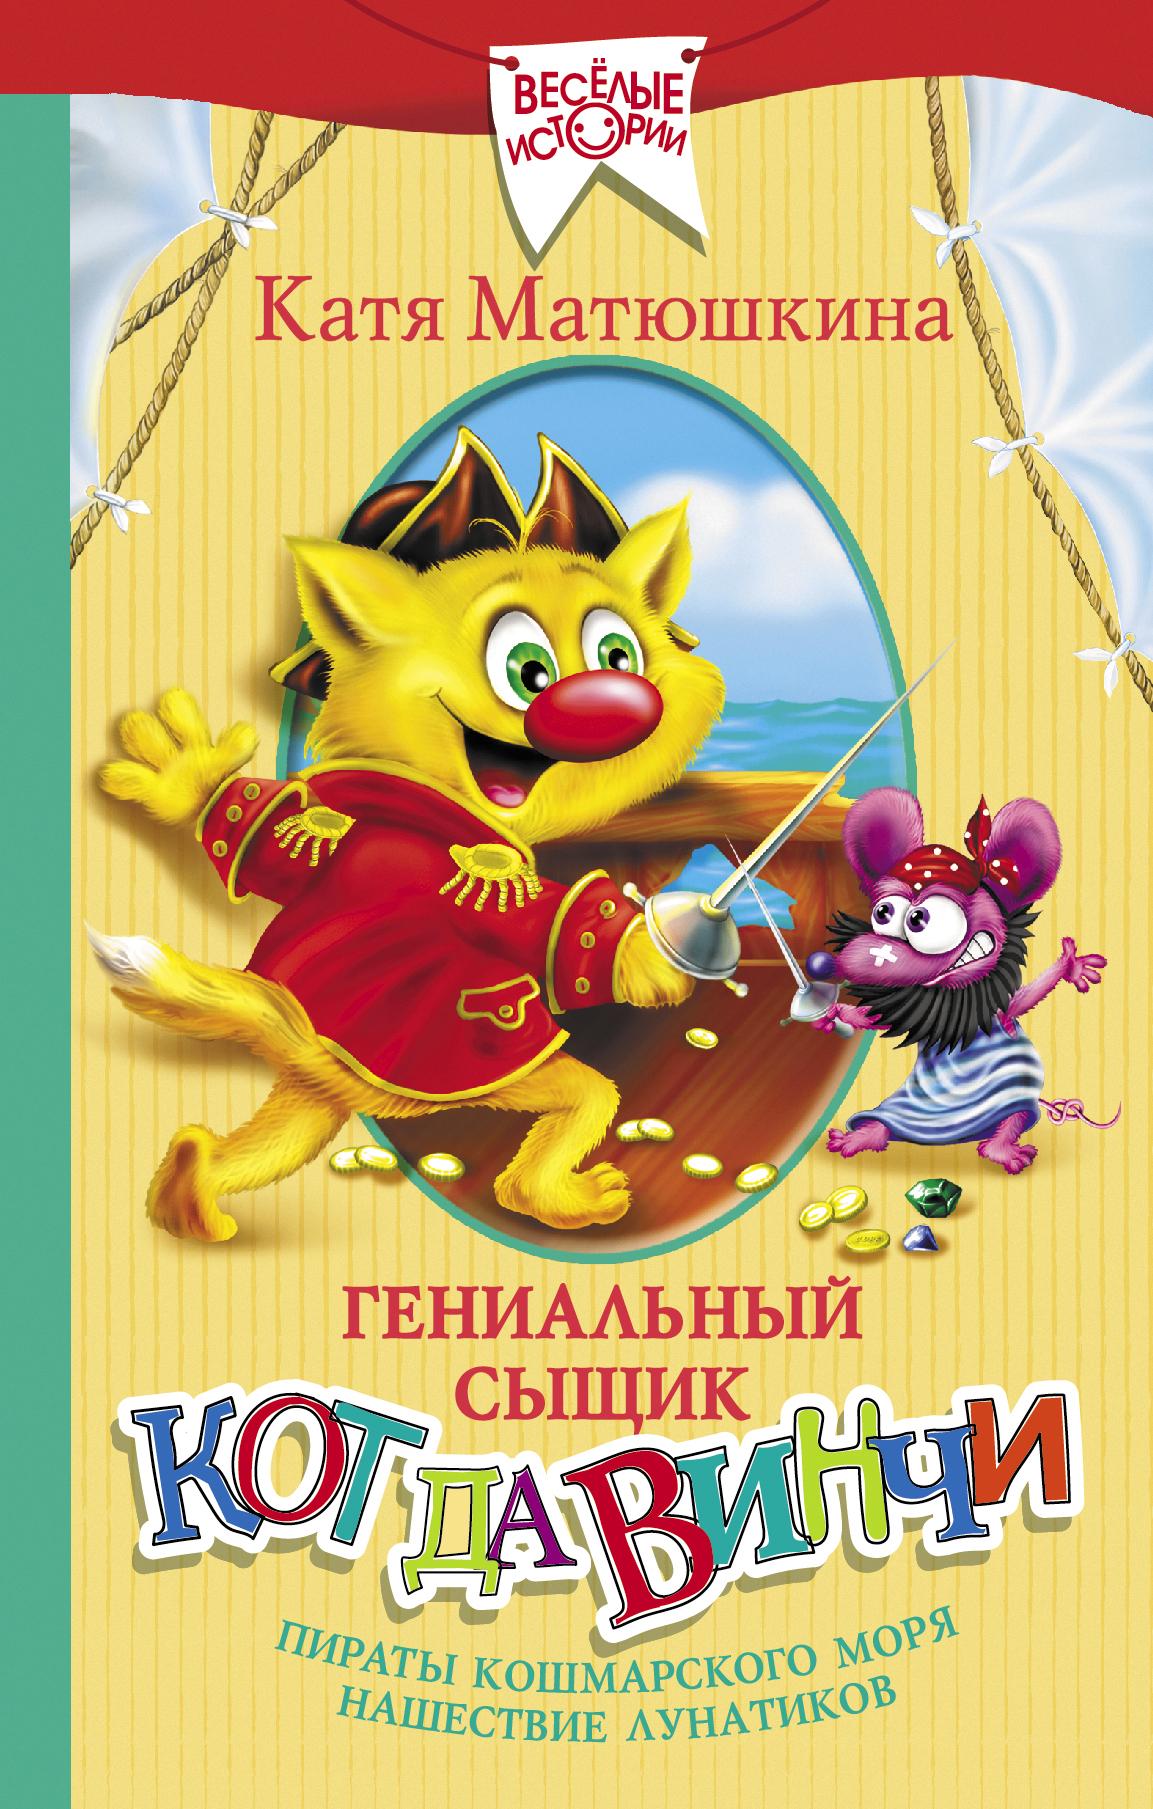 Катя Матюшкина Гениальный сыщик кот да Винчи: Пираты Кошмарского моря. Нашествие лунатиков